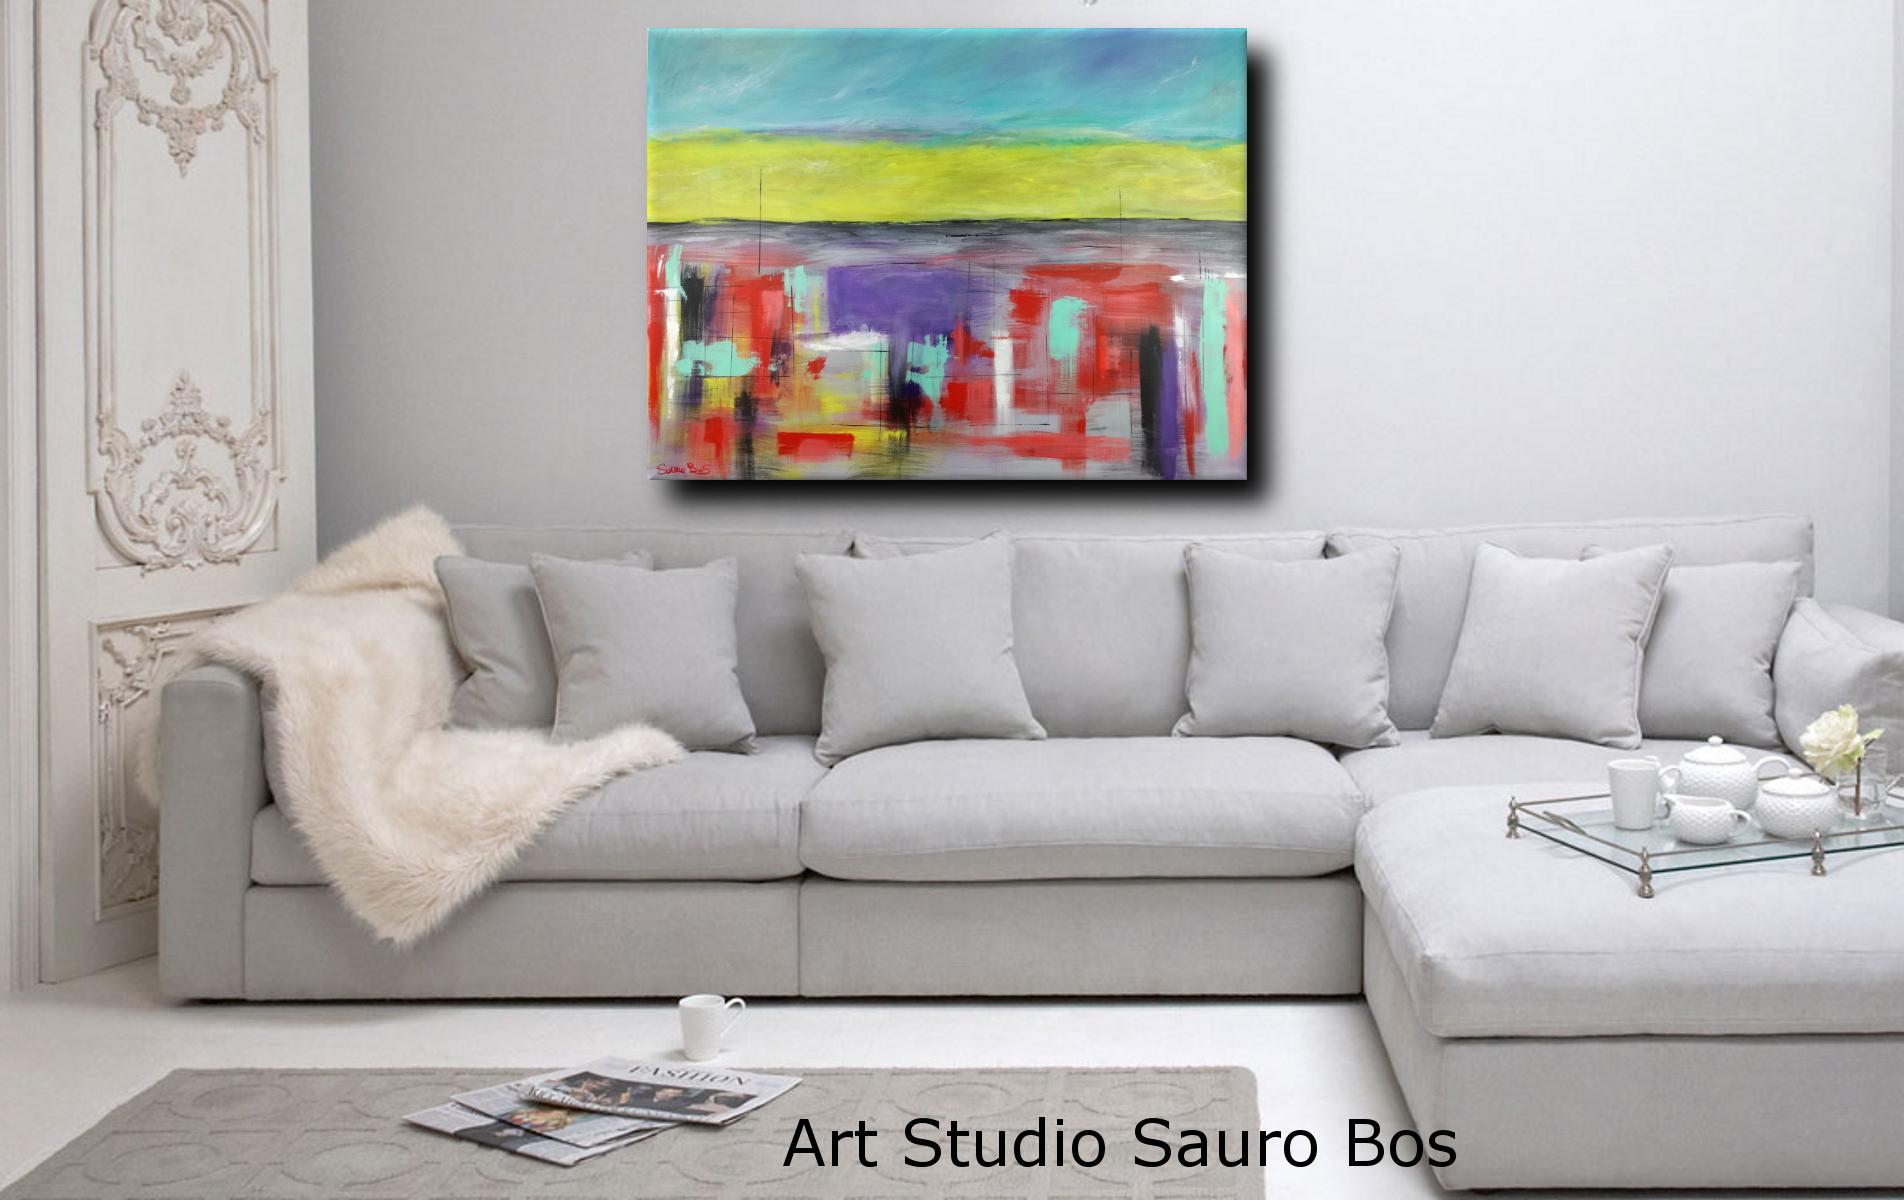 landescape abstract sogg - quadri astratti per arredamento paesaggio moderno xxl